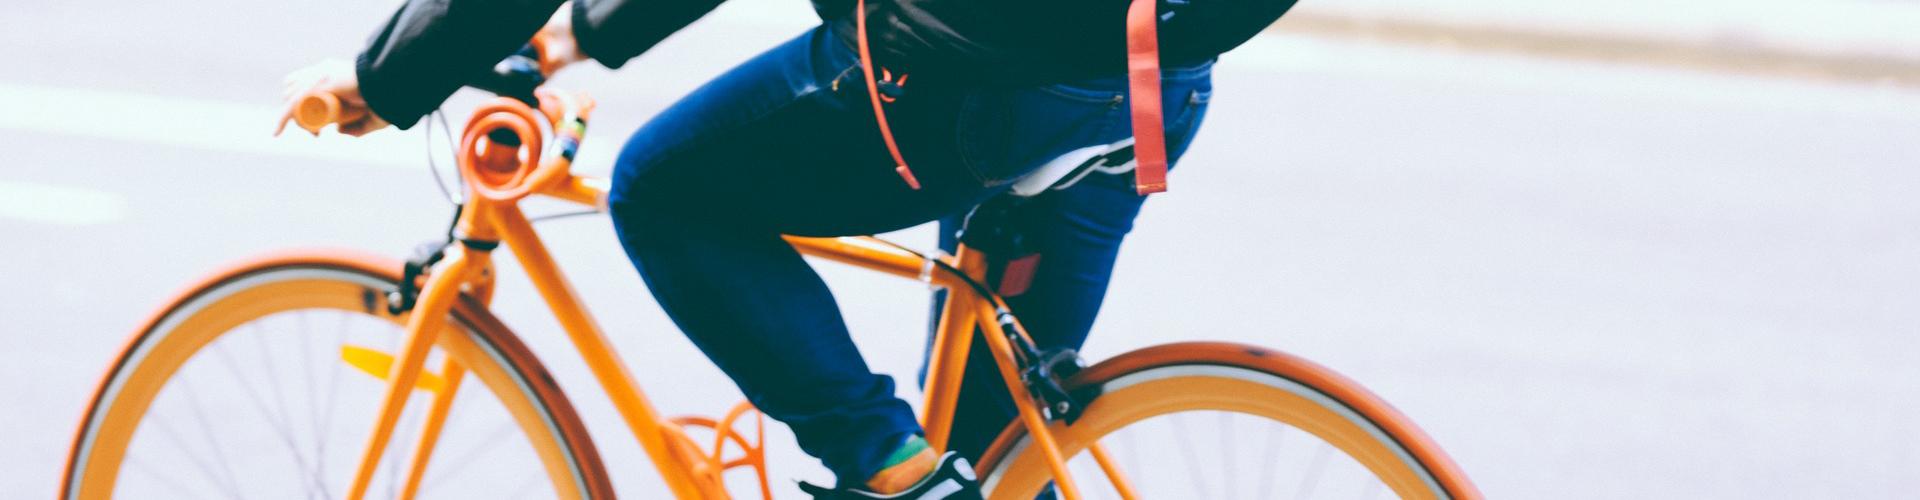 Bike in Aarhus